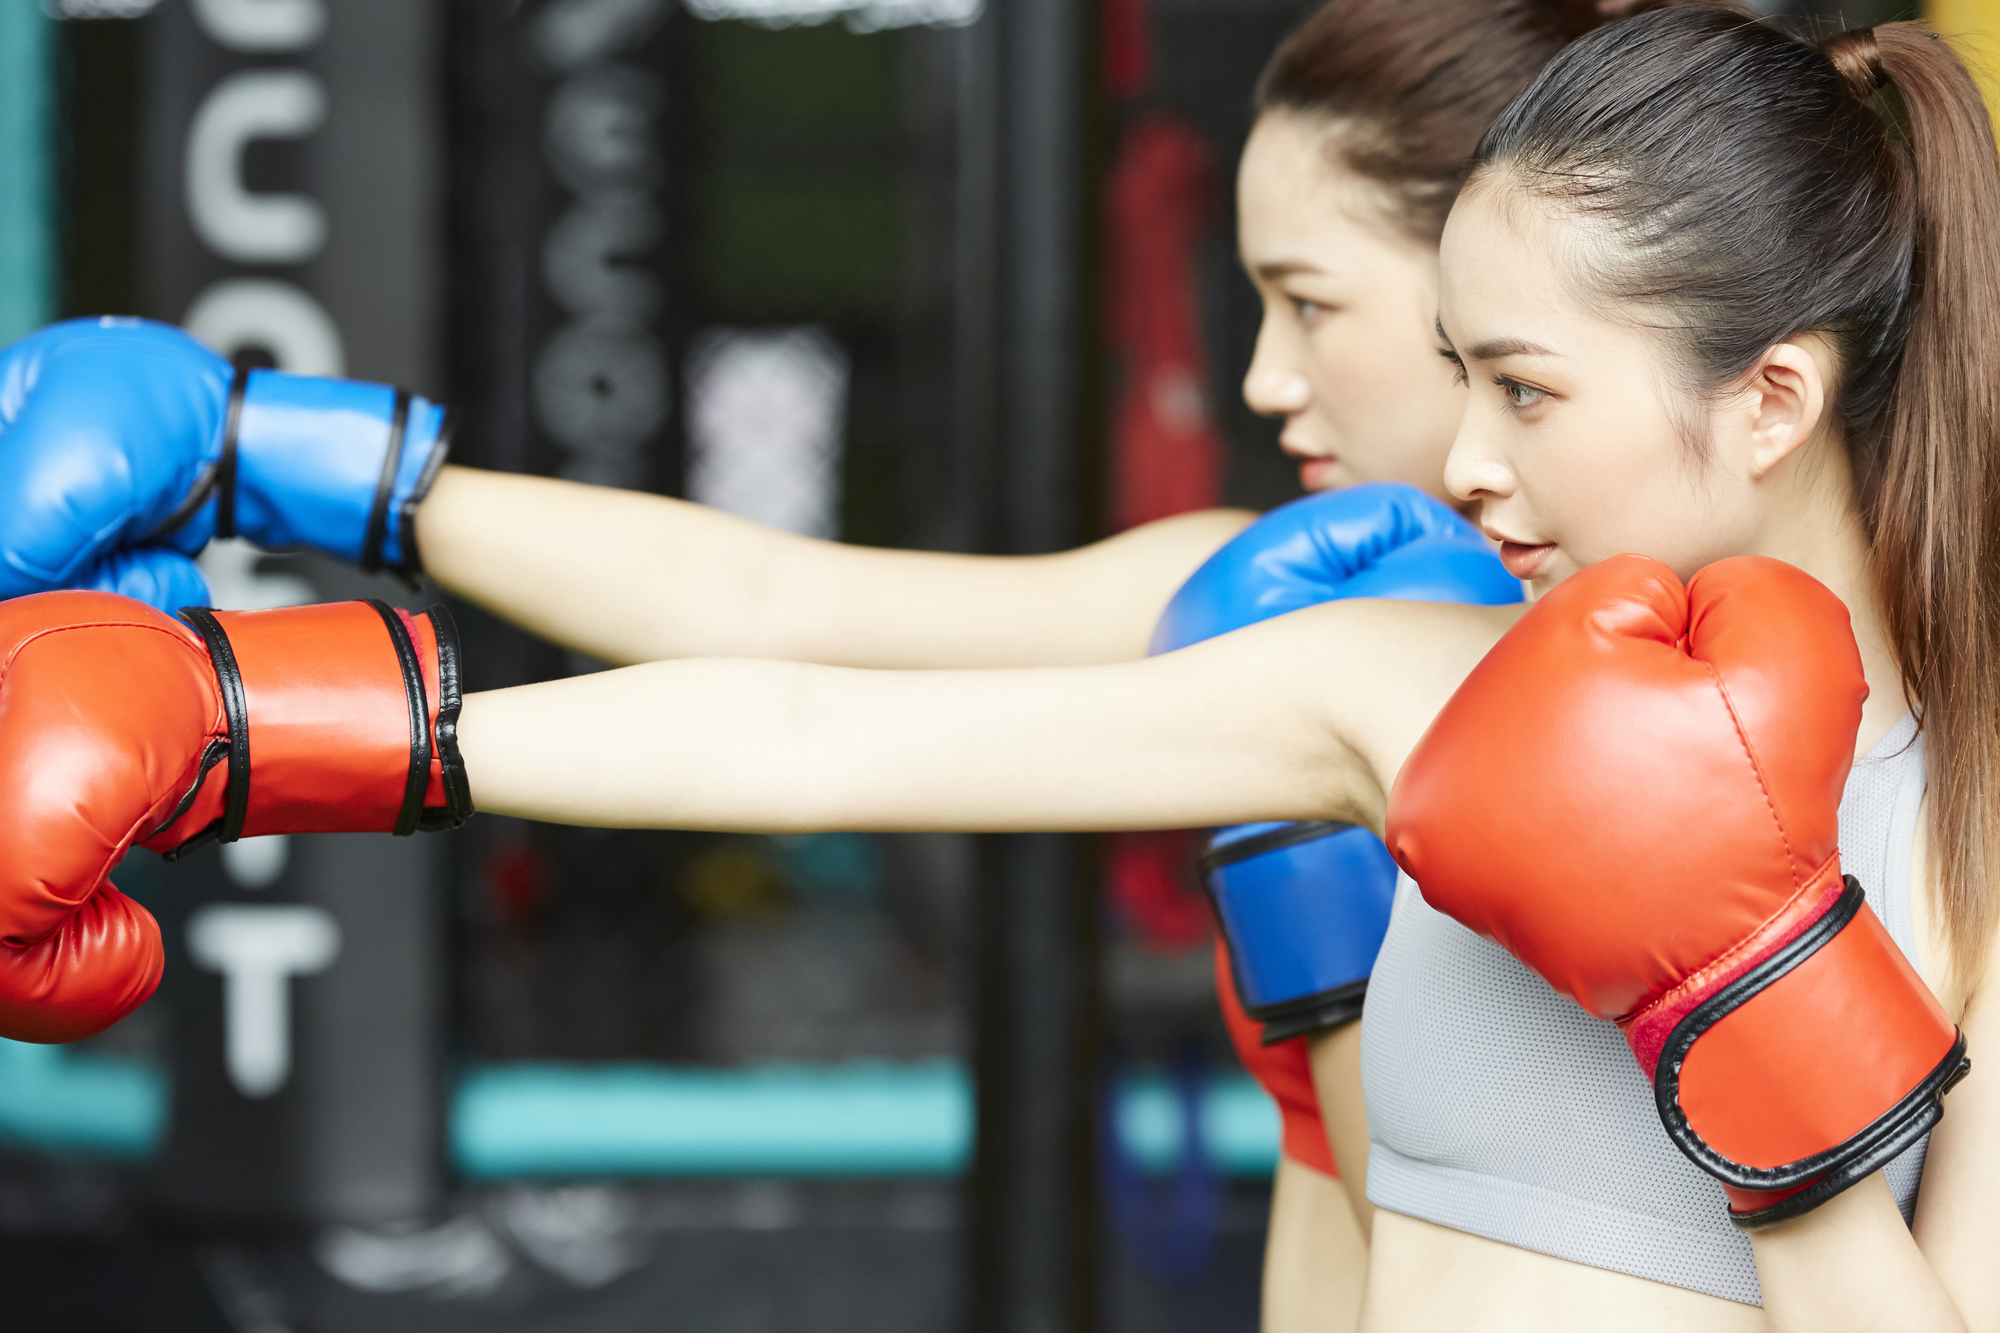 元キックボクシング選手による丁寧な指導